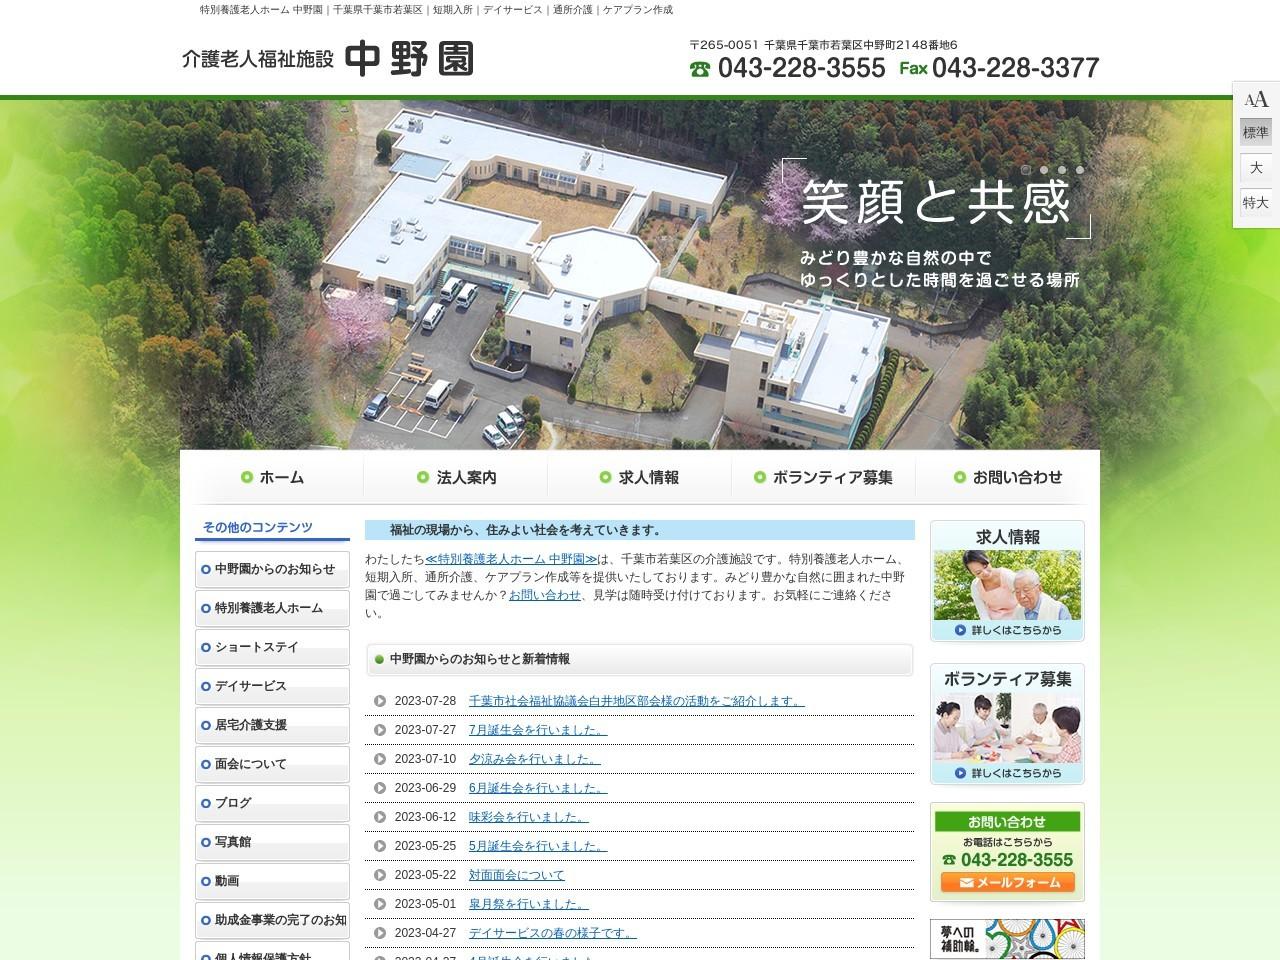 特別養護老人ホーム 中野園|千葉県千葉市若葉区|短期入所|デイサービス|通所介護|ケアプラン作成